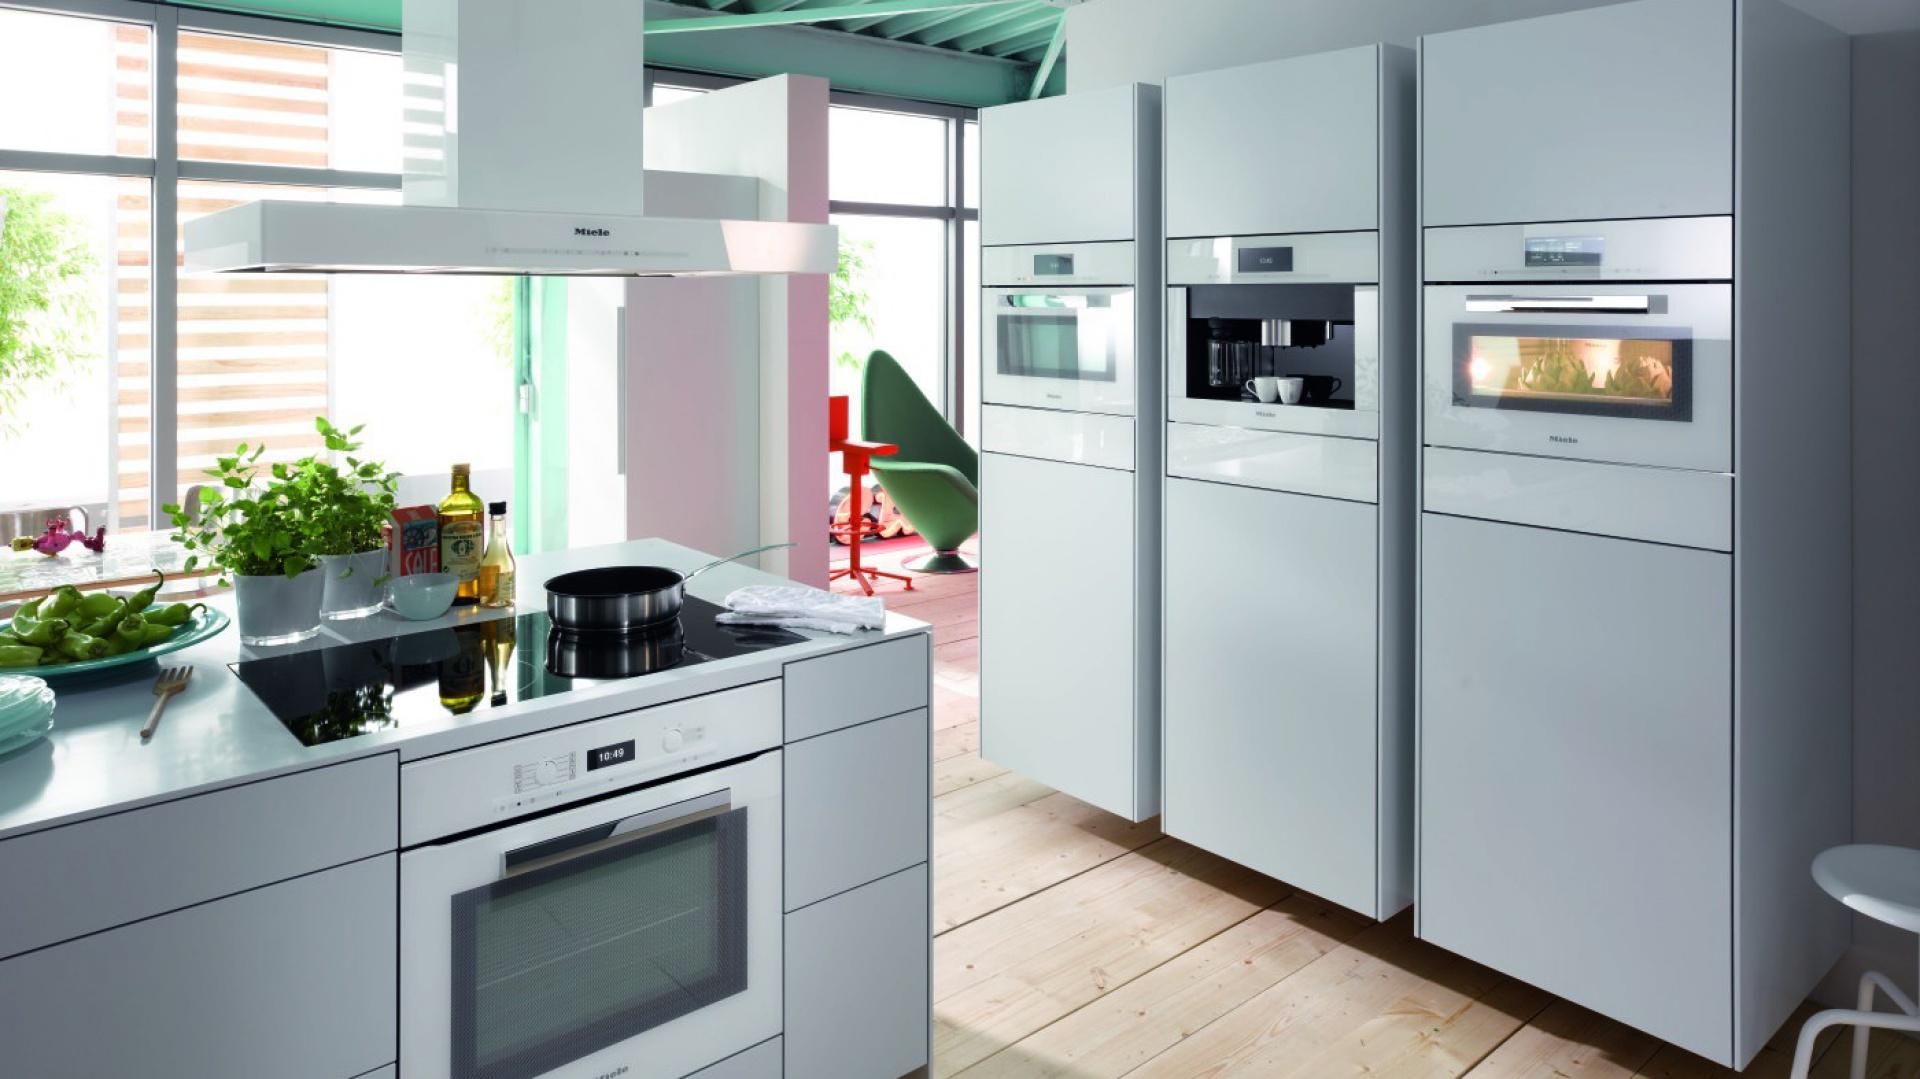 Piekarnik H 6890 BP marki Miele z linii Pure Line w kolorze Brilliant White. Wyposażony w 13 programów standardowych oraz ponad 100 programów automatycznych. Fot. Miele.